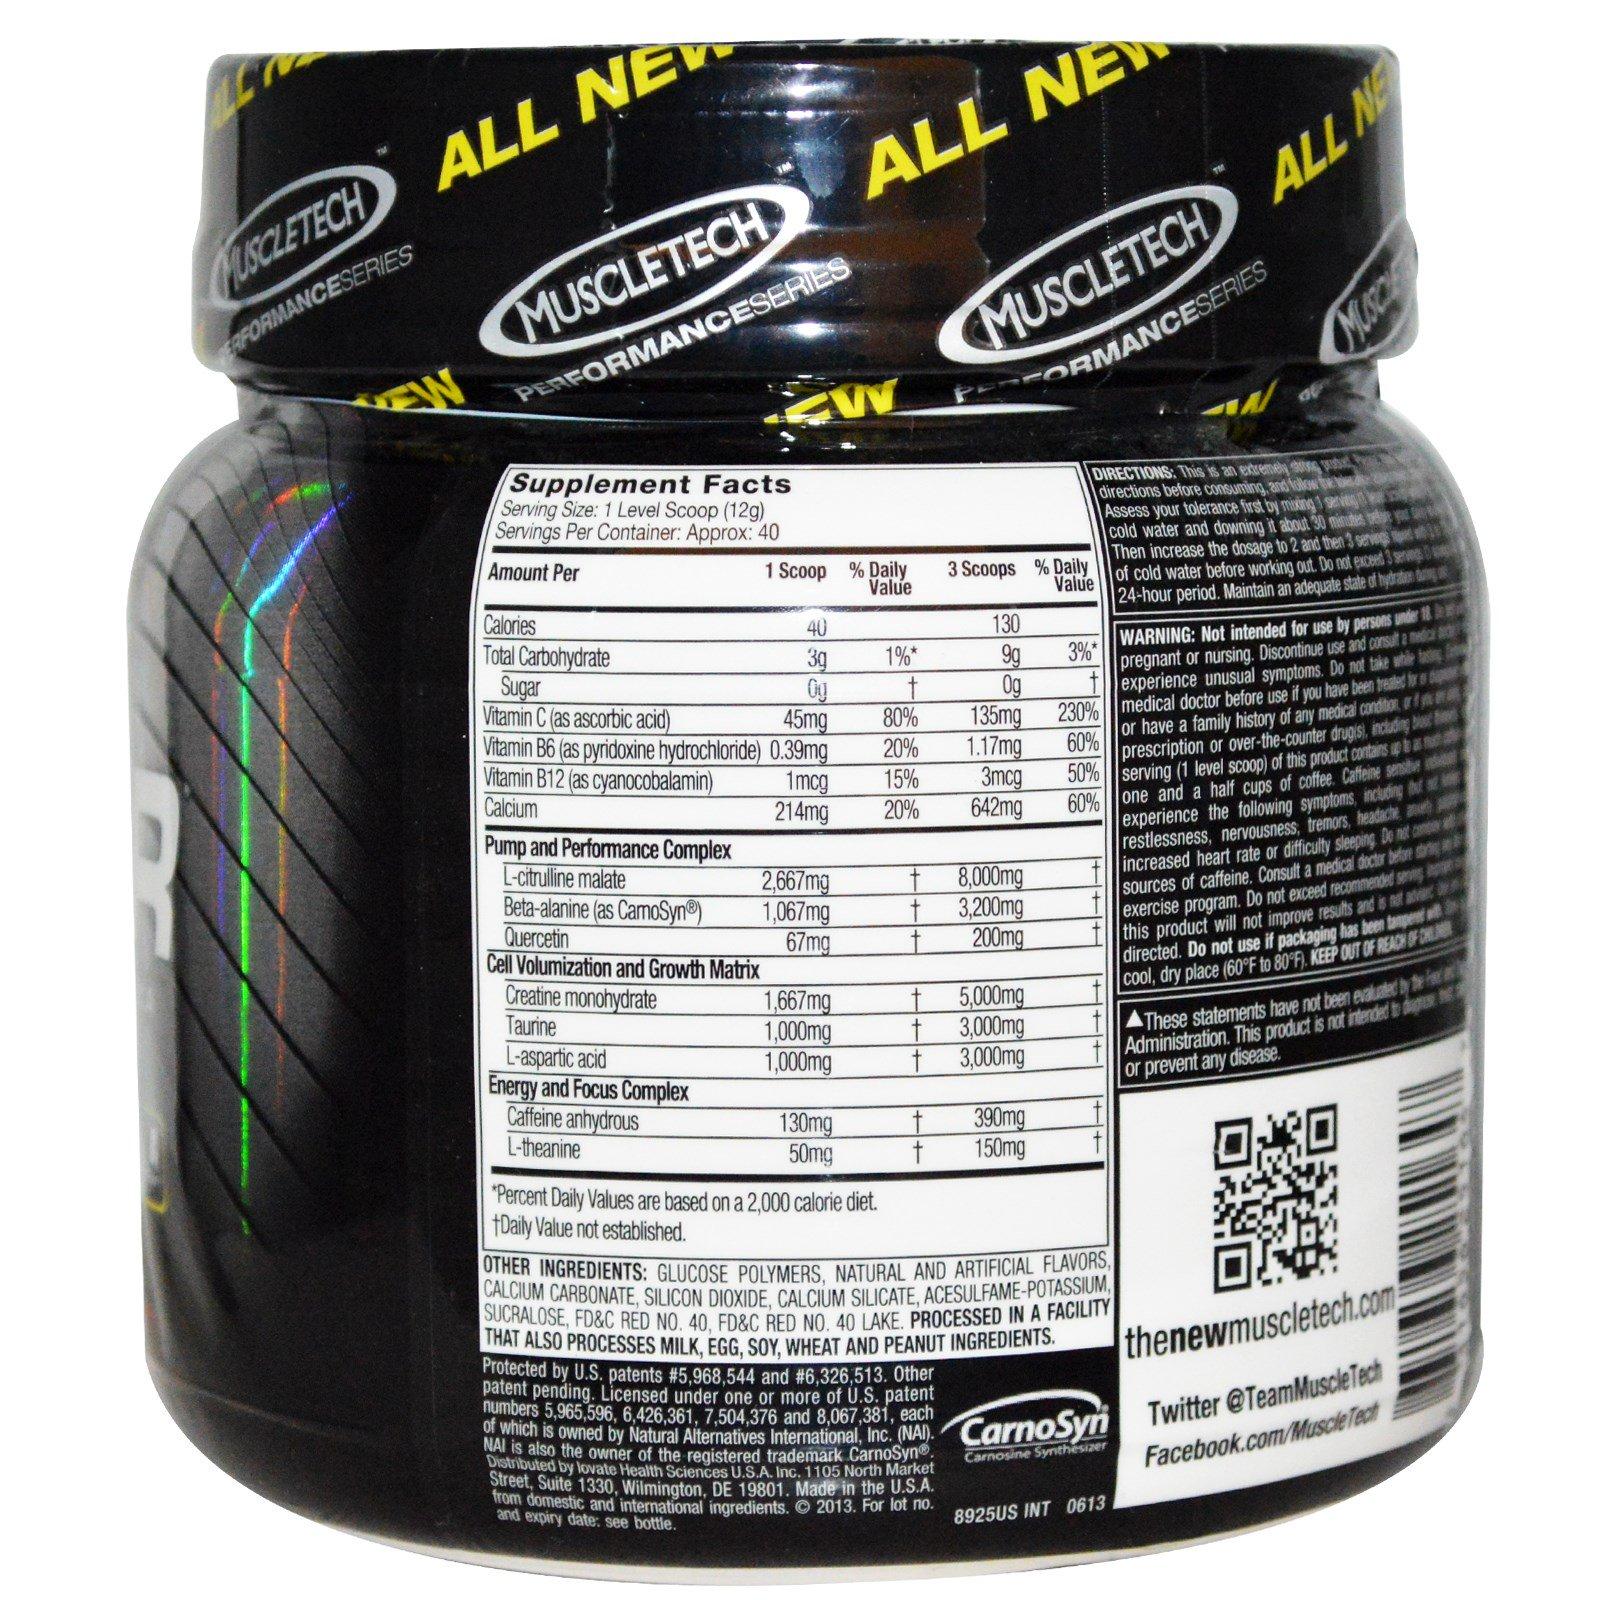 Nano vapor nutrition facts